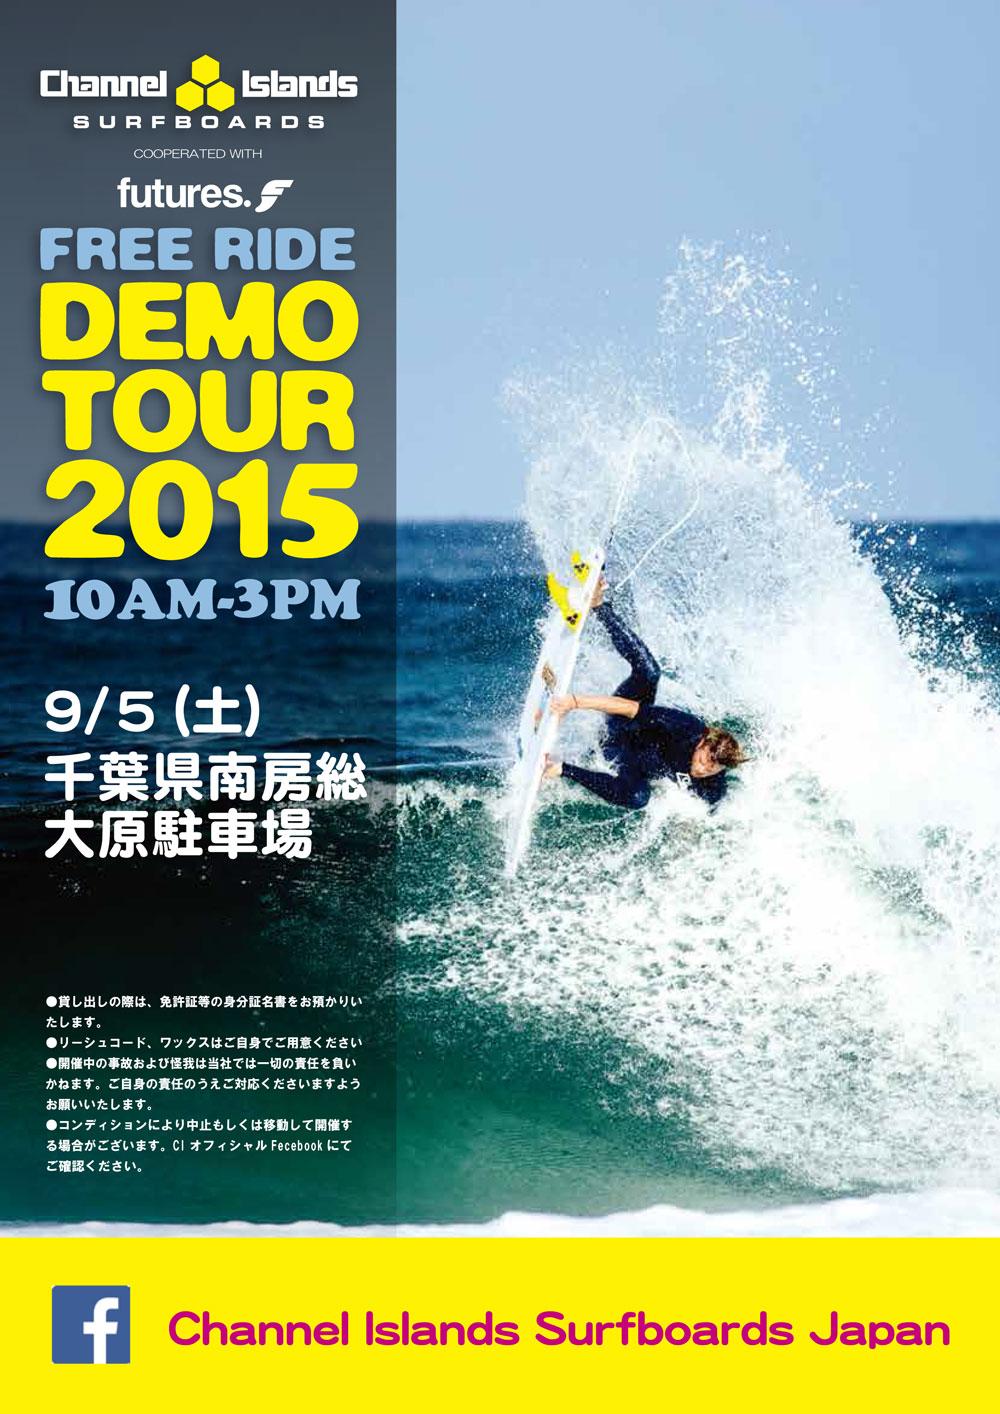 CI_DemoTour2015_5SEP